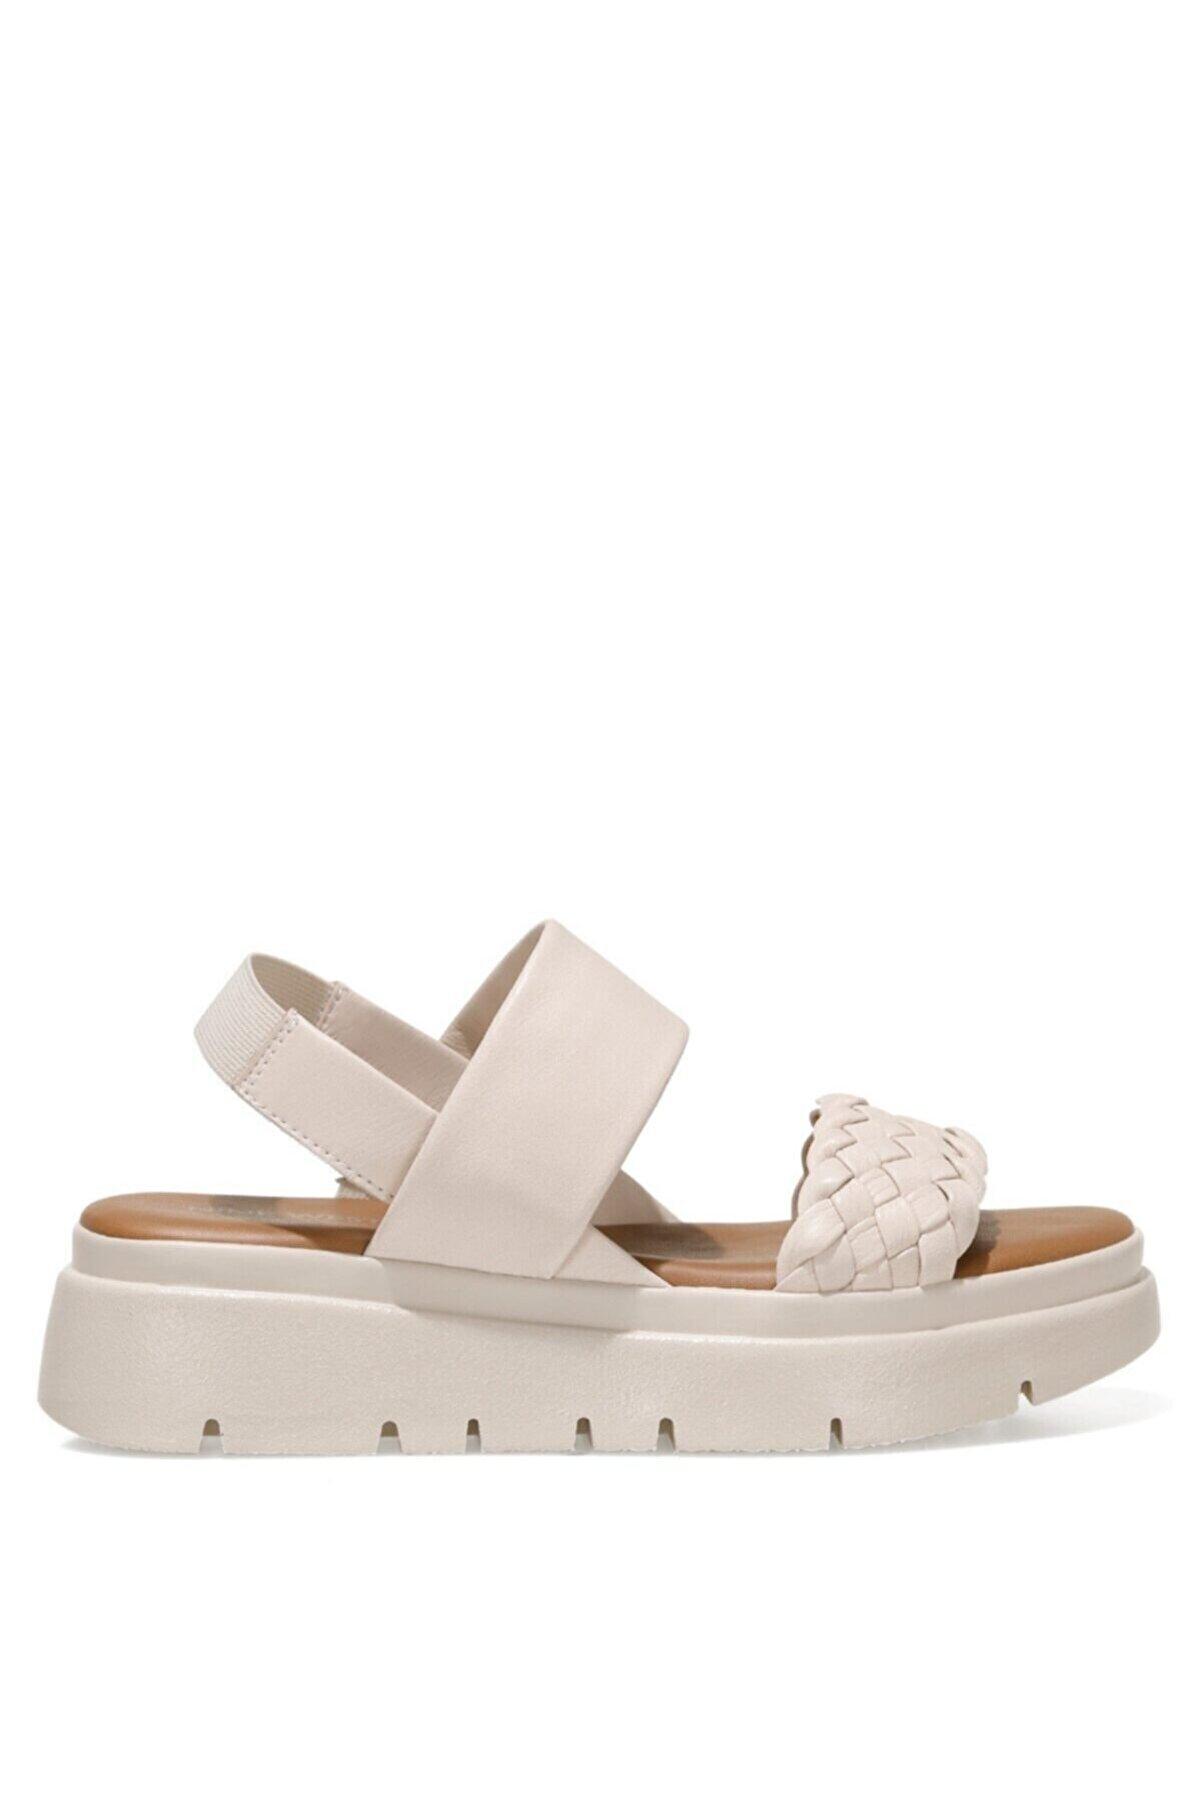 Nine West GUMMO 1FX Beyaz Kadın Sandalet 101028919